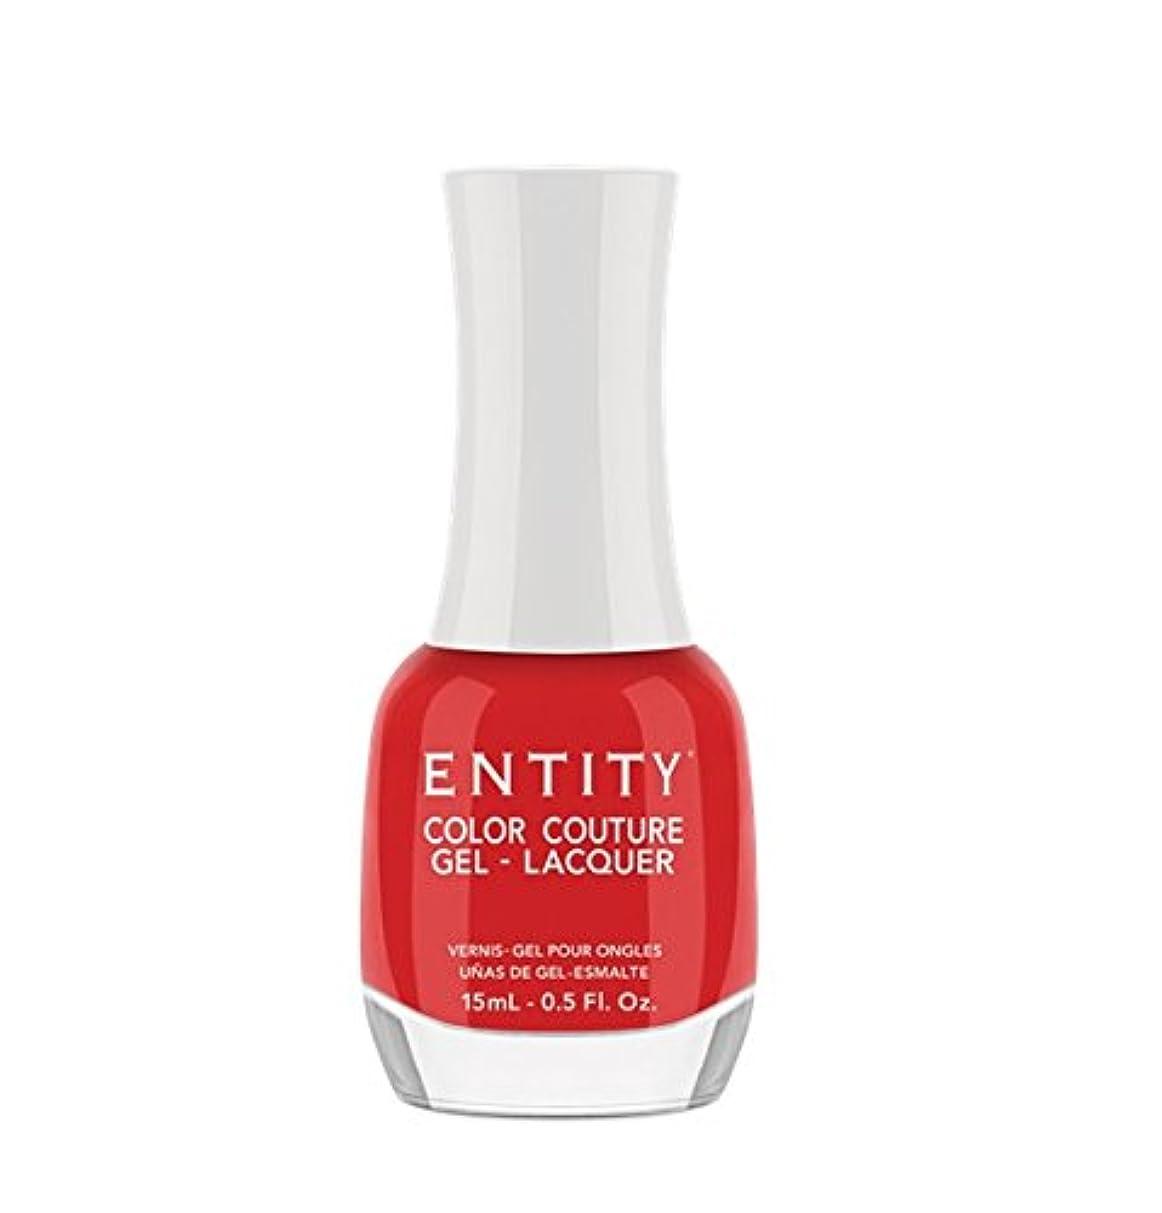 ブリリアントサワー提出するEntity Color Couture Gel-Lacquer - A-very Bright Red Dress - 15 ml/0.5 oz